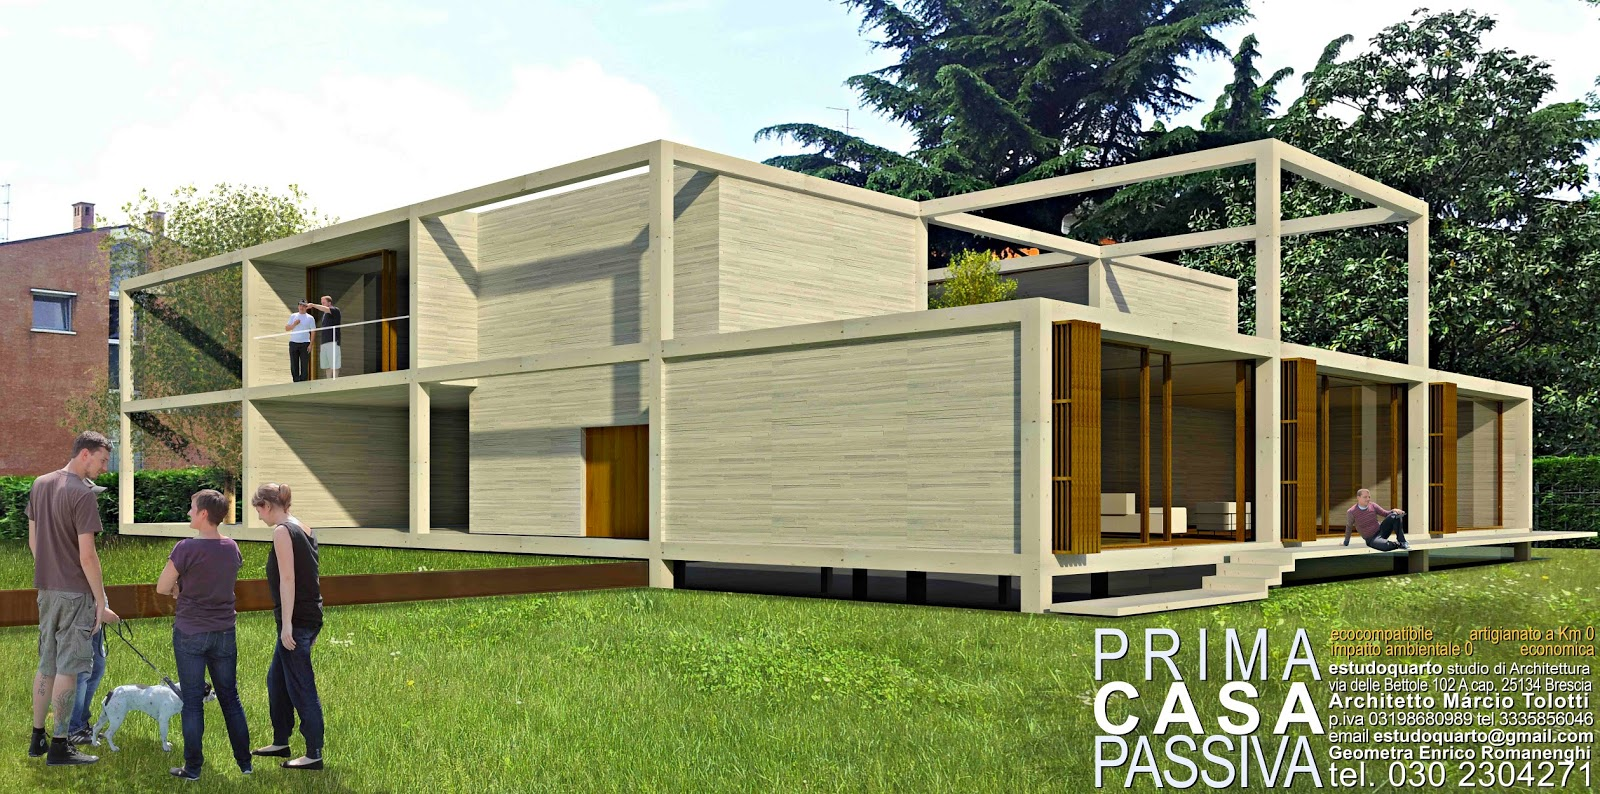 Quanto costa costruire casa con prima casa passiva solo for Quanto costruire una casa di legno